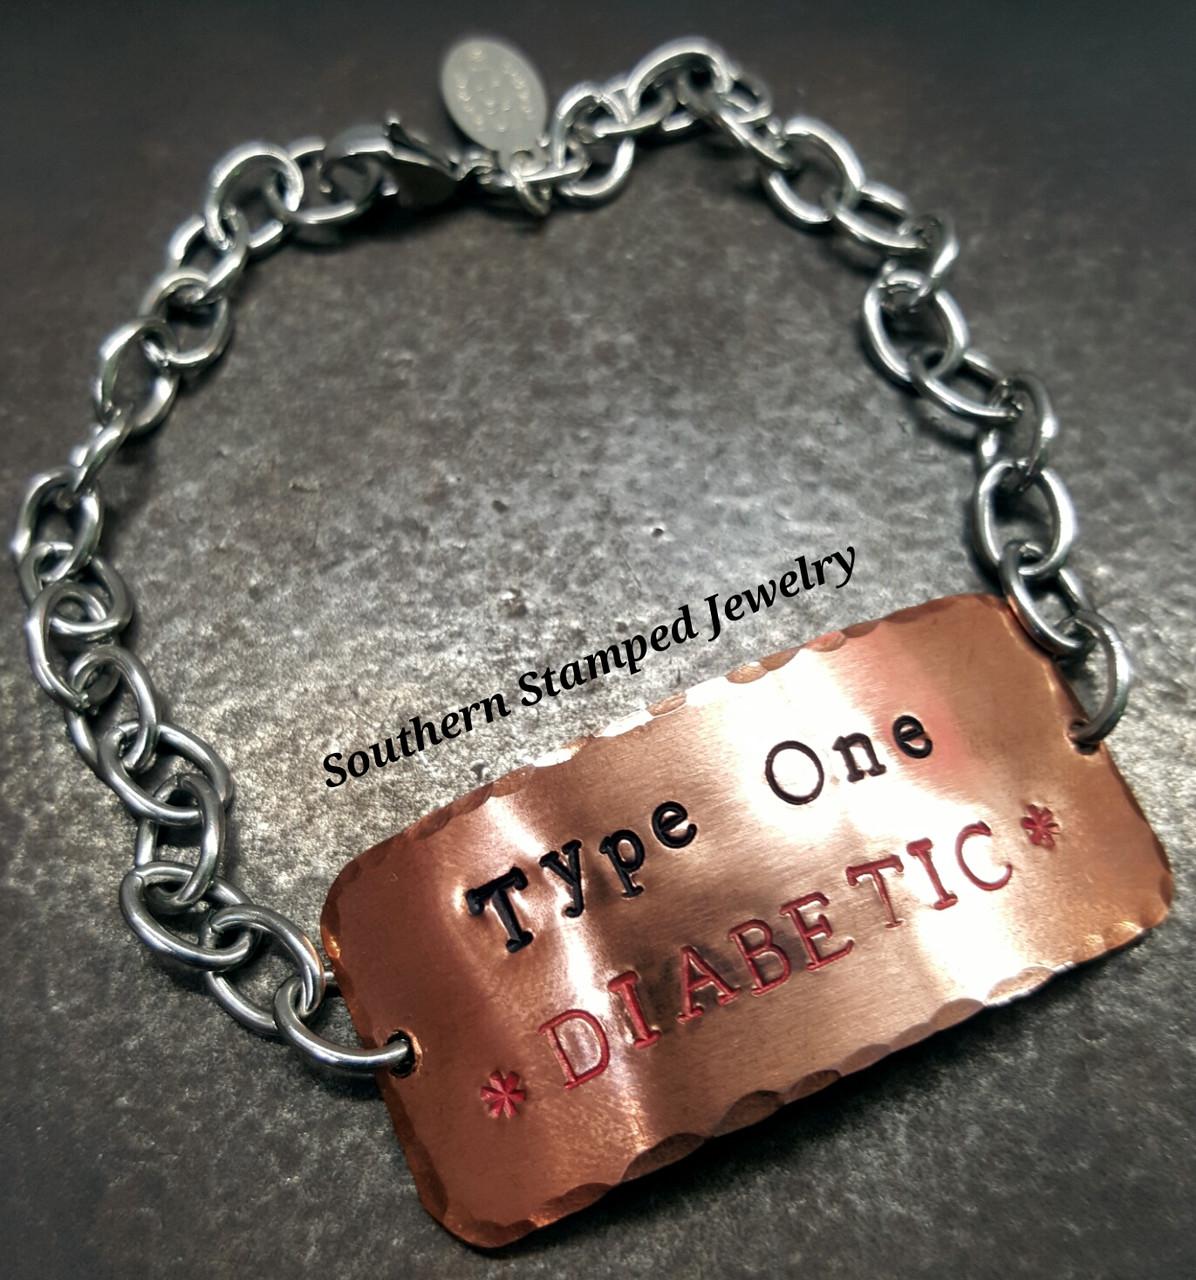 Medical Alert Bracelet >> Stainless Steel Copper Medical Alert Bracelet Southern Stamped